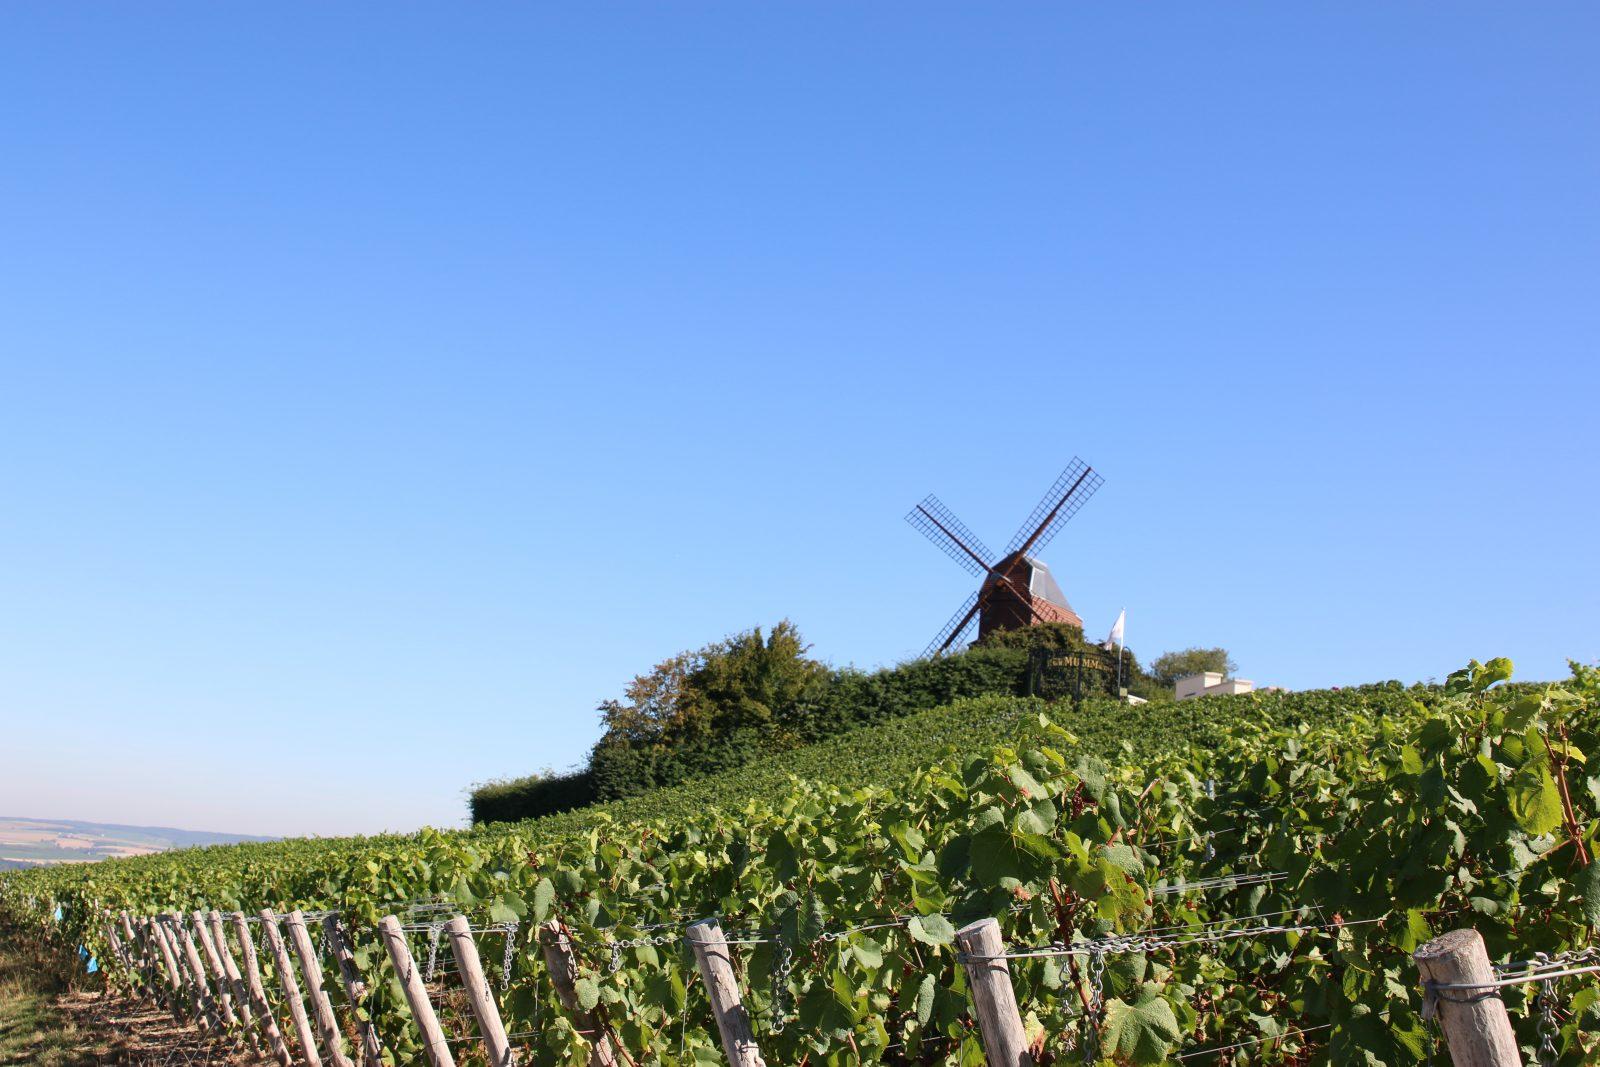 Le moulin de verzenay © Clément Richez